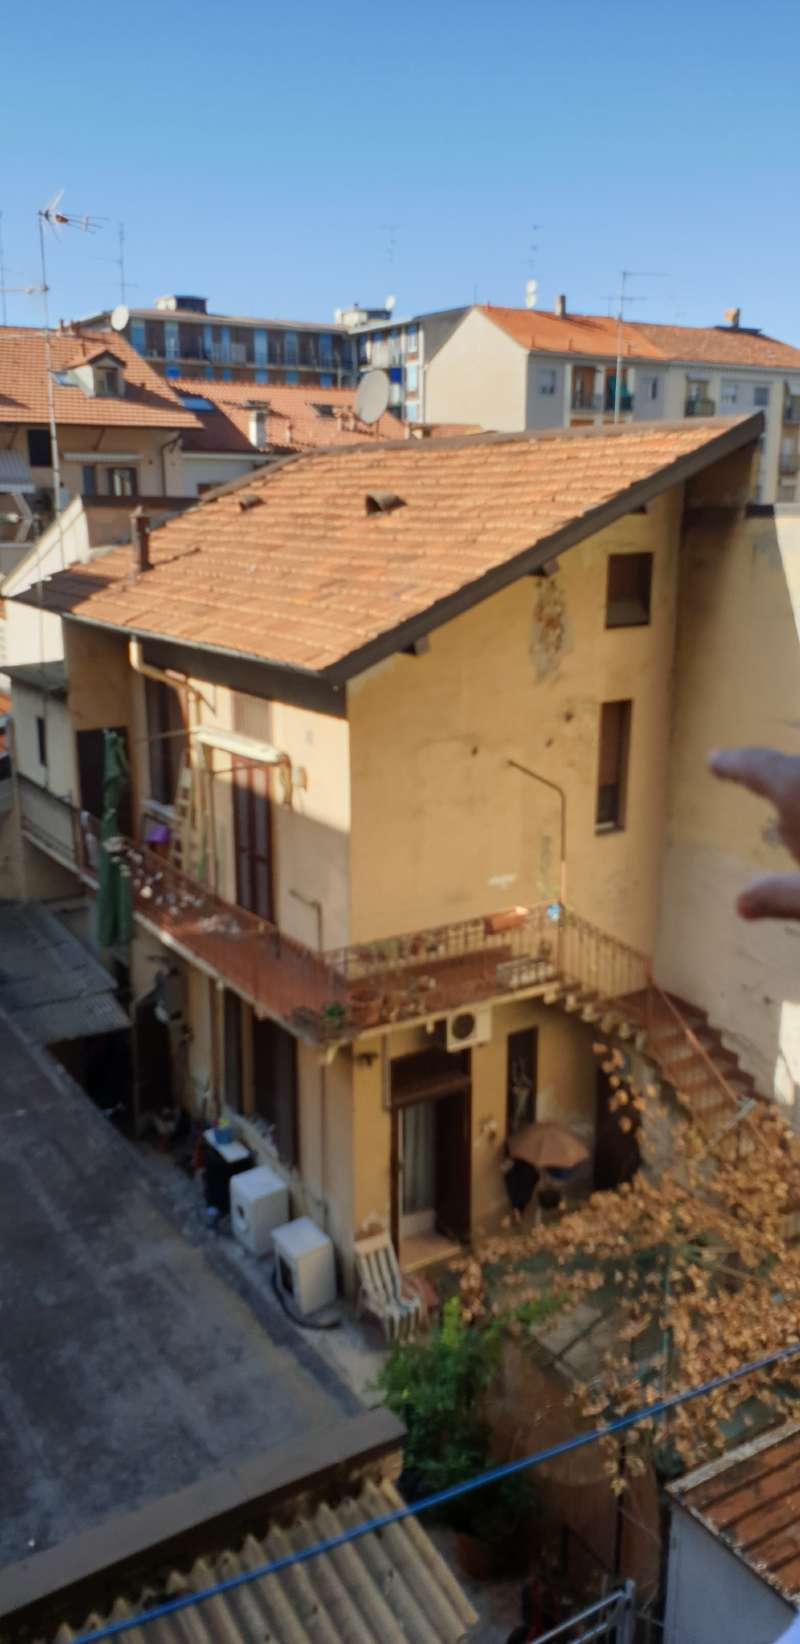 Milano Vendita VILLETTA Immagine 2